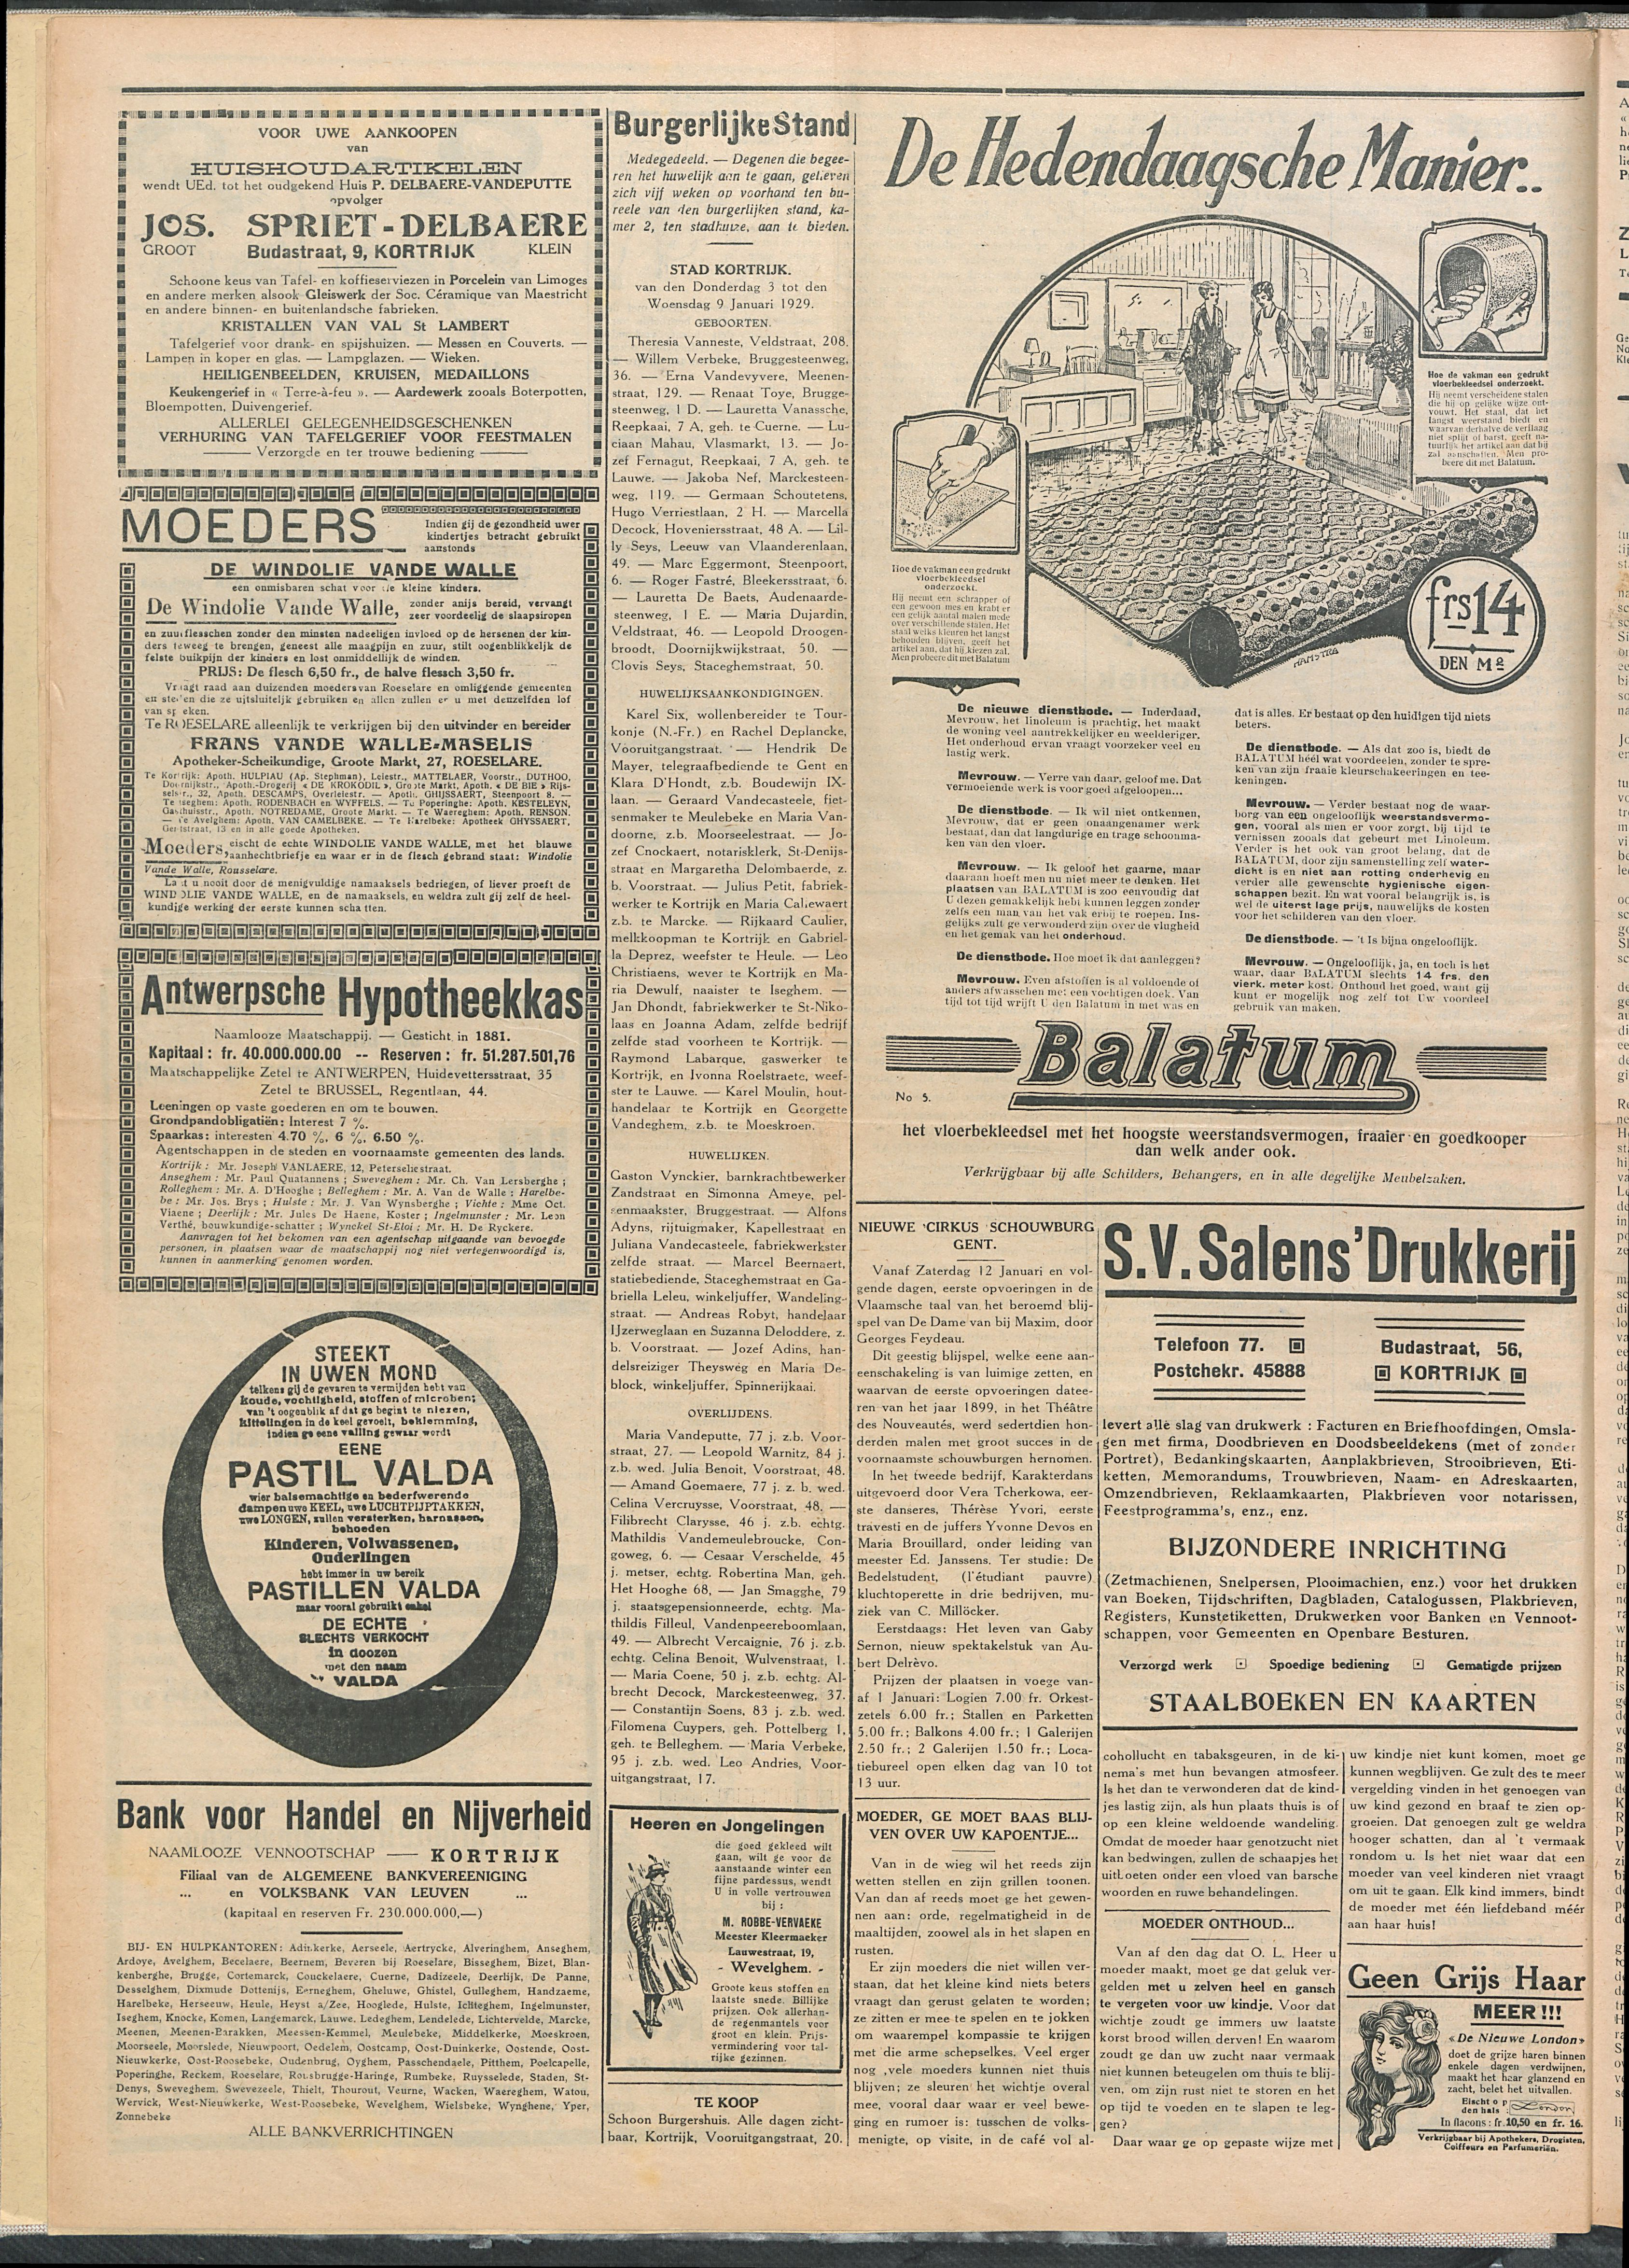 Het Kortrijksche Volk 1929-01-13 p4